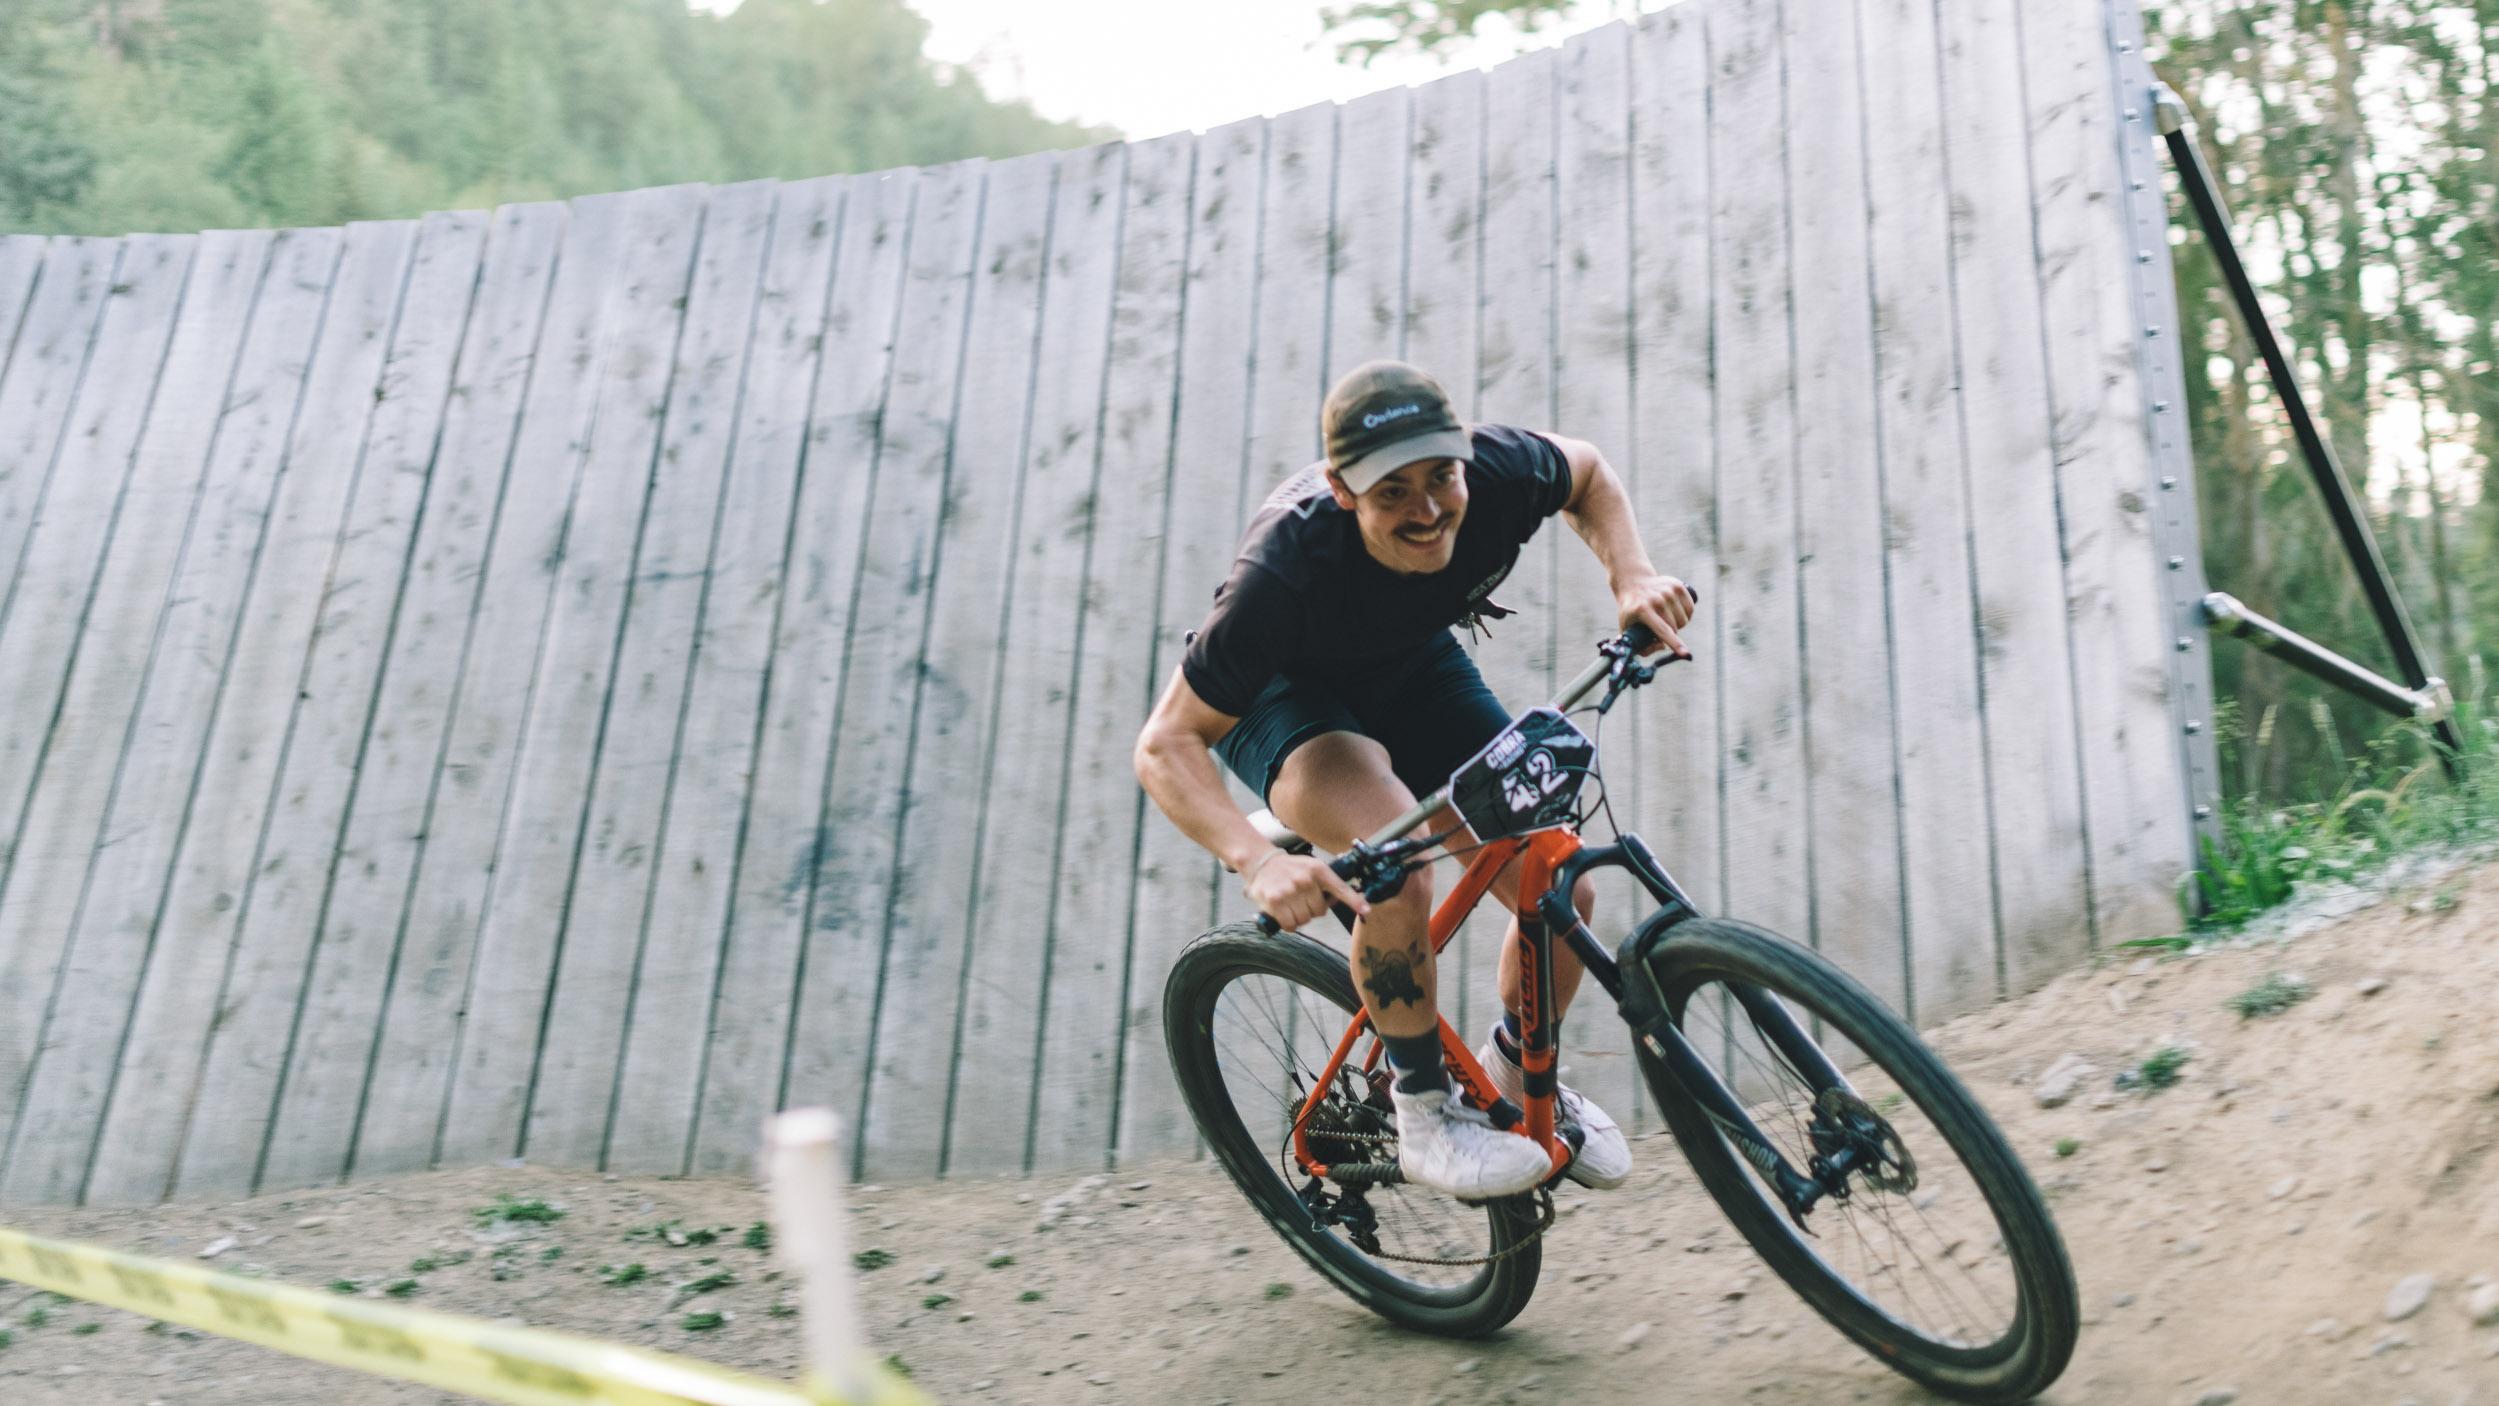 COBRA_Racing_Gateway_Miguel_Race_11.jpg